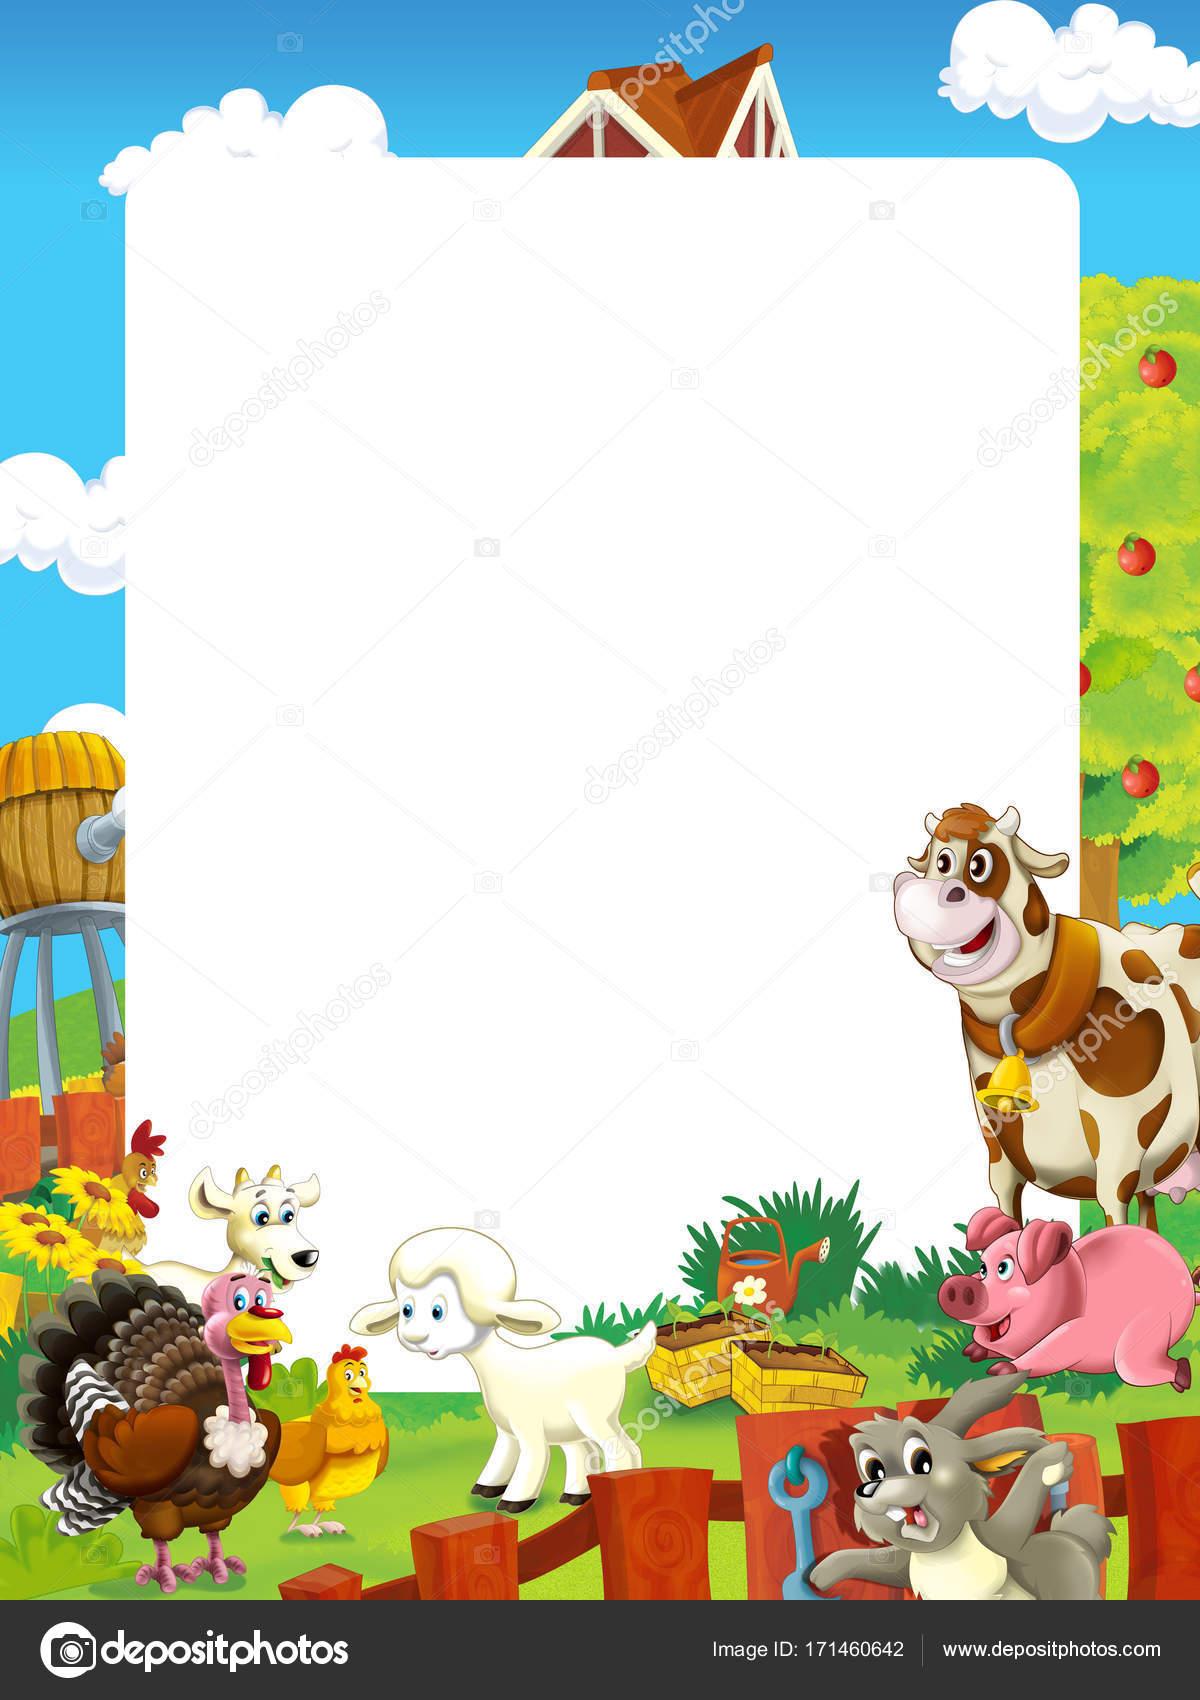 子供のためのファーム動物 さまざまな使用のフレーム イラスト漫画シーン